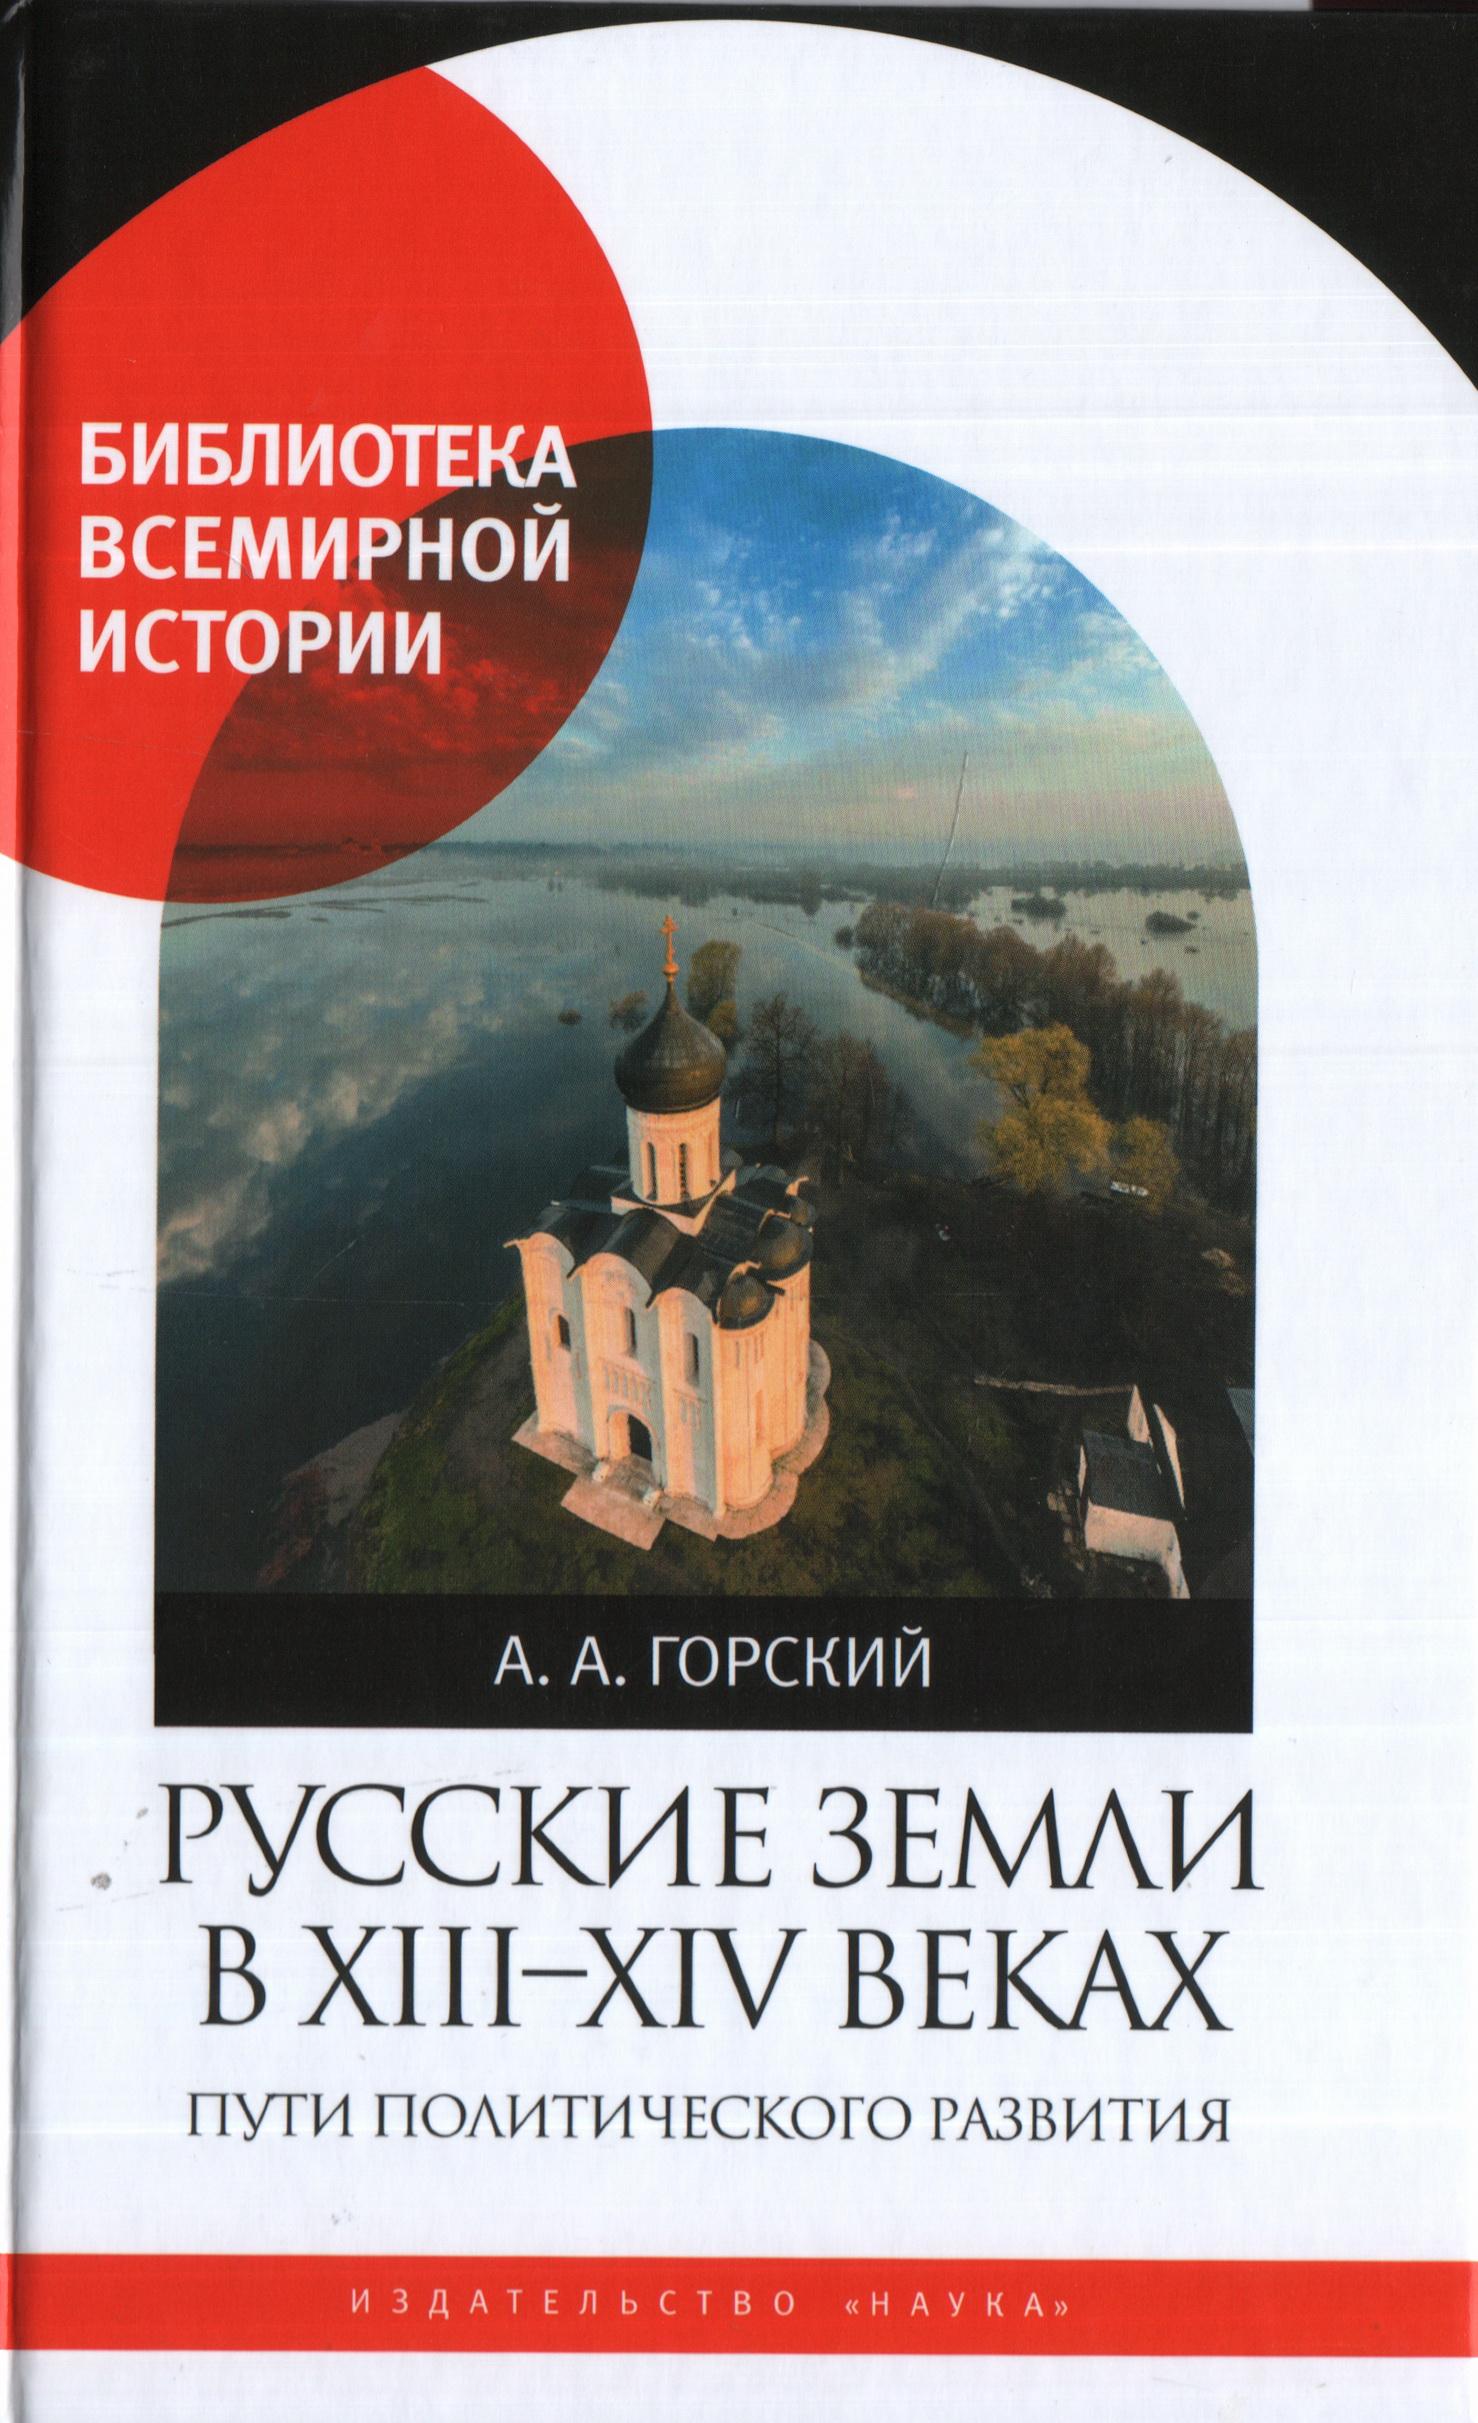 Жанр Сентиментальный роман  Электронная библиотека TheLibRu